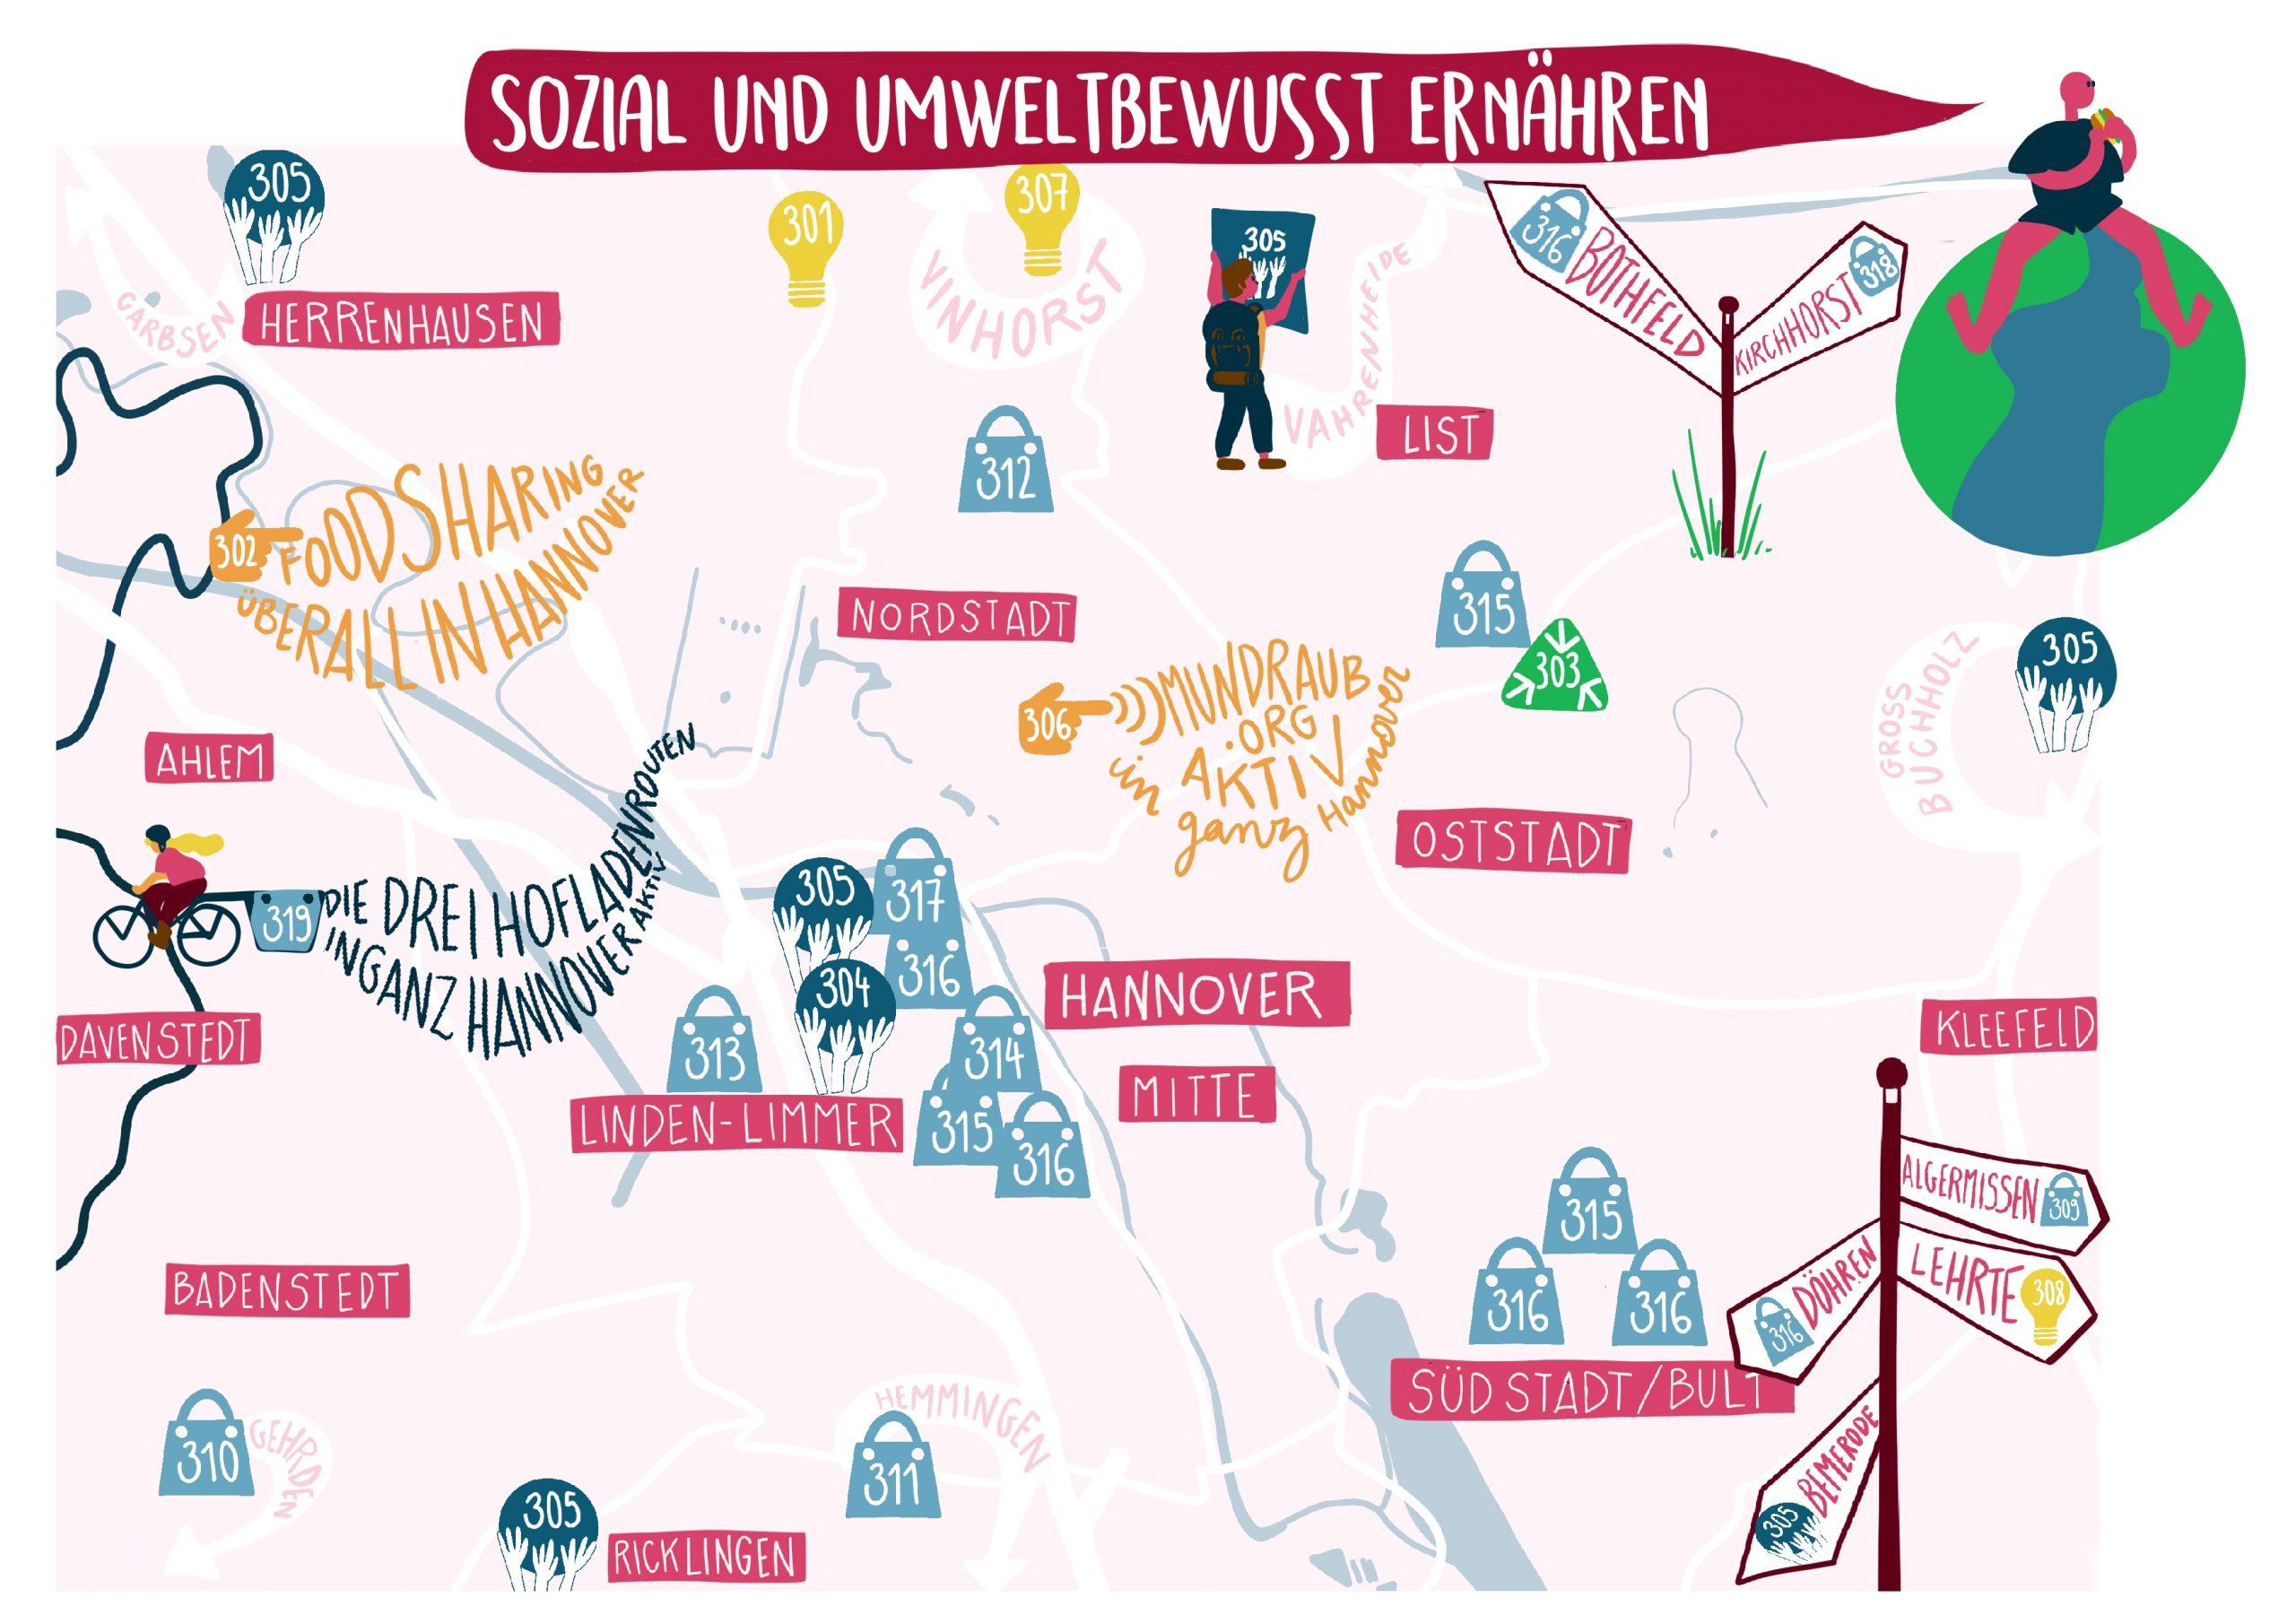 Karte soziale und umweltbewusste Ernährung